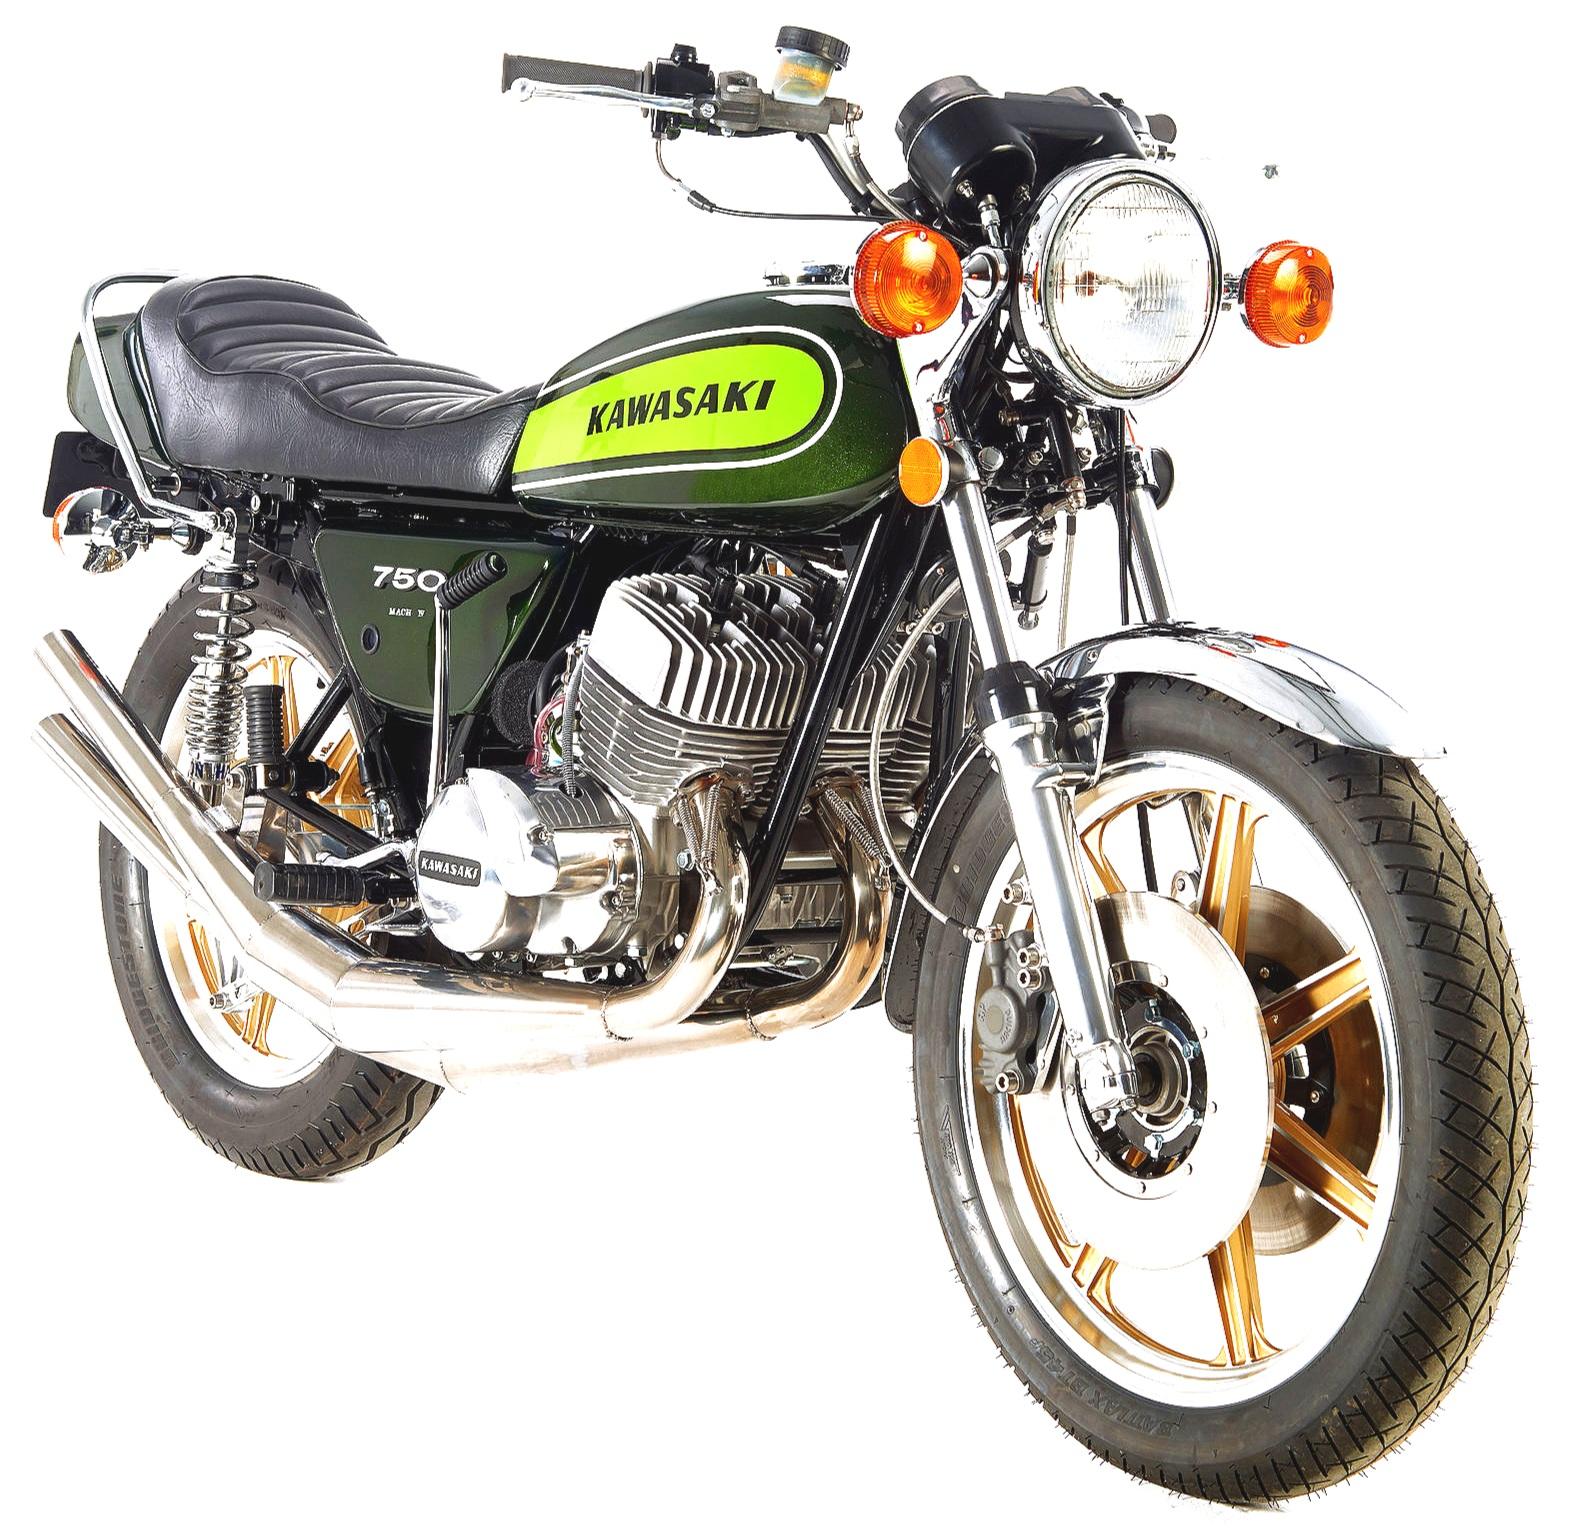 Kawasaki KH750 Special